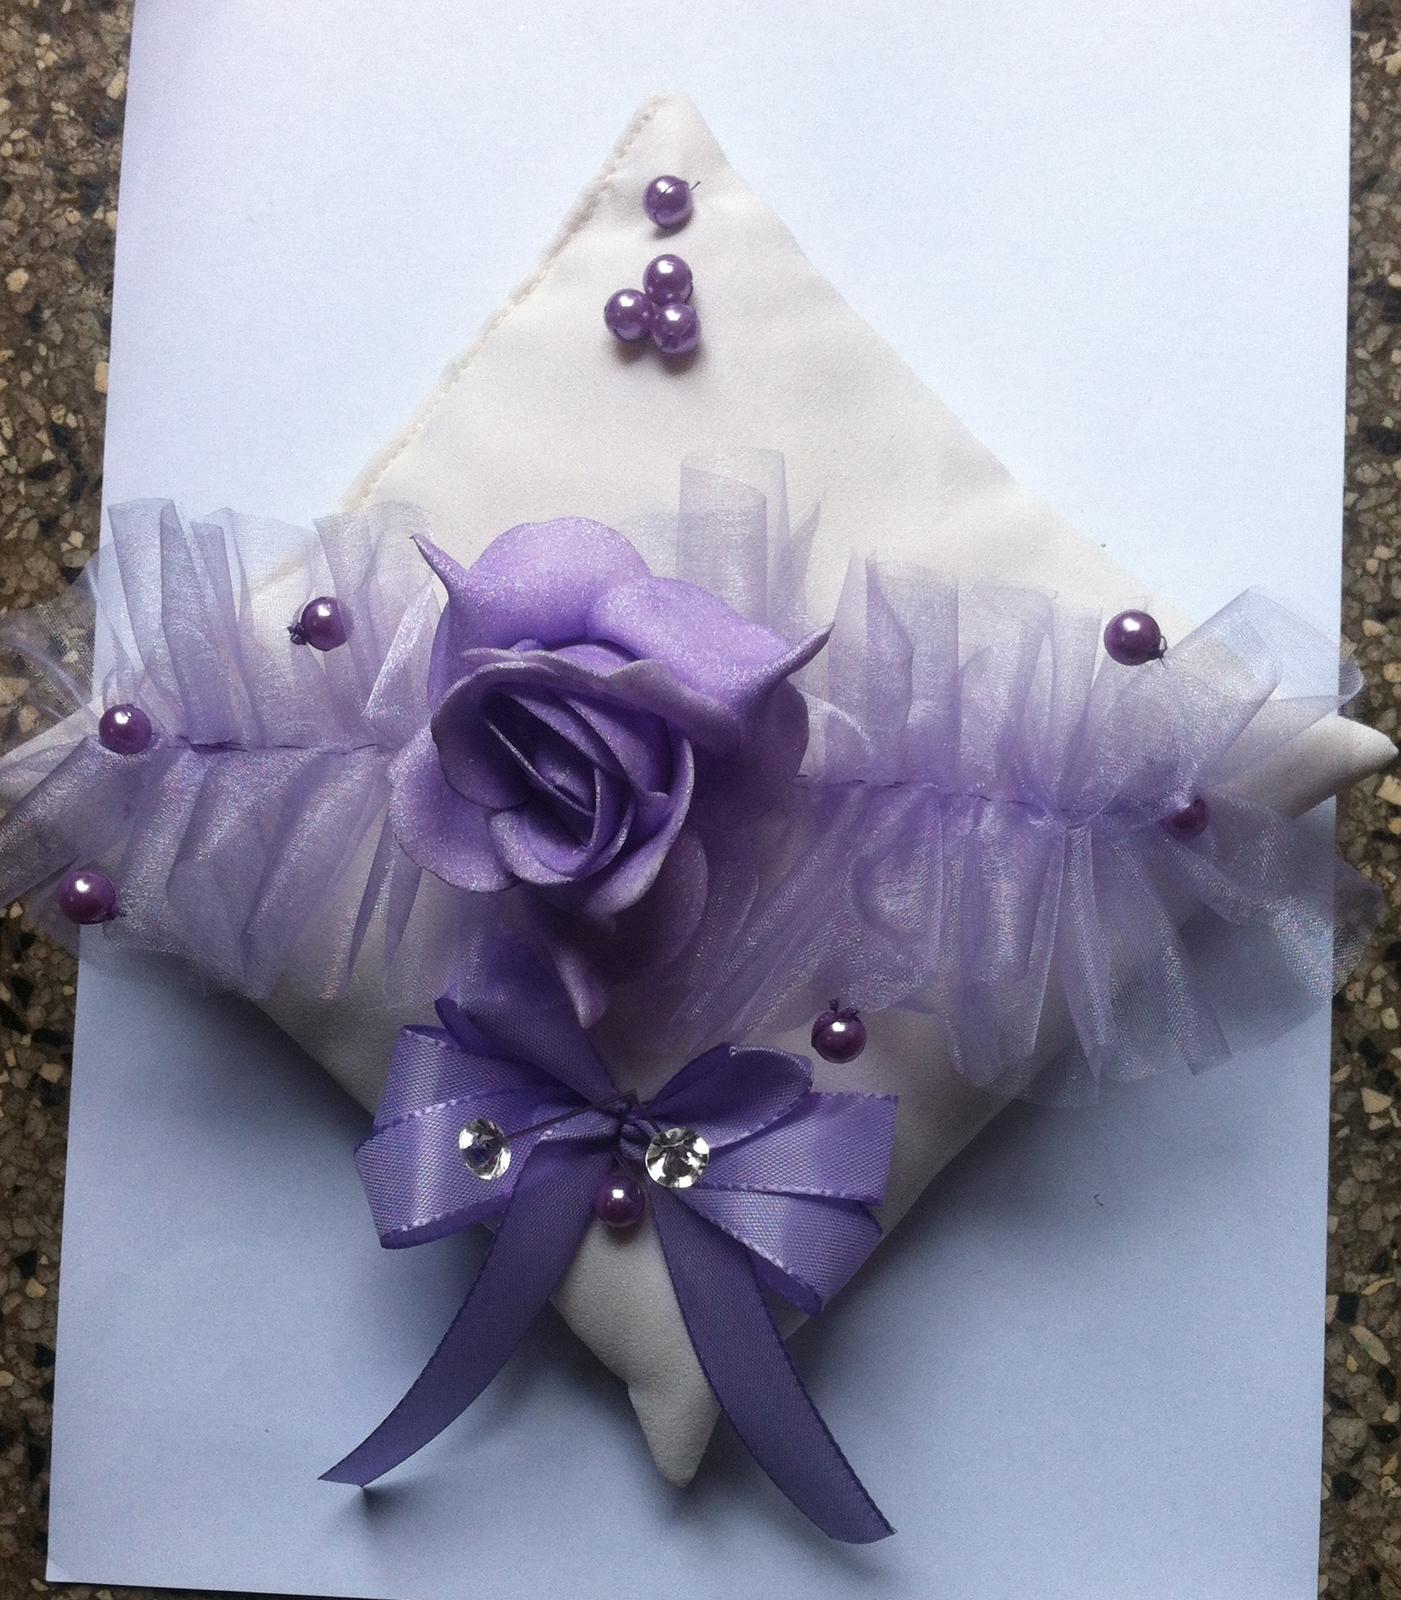 Netradiční svatební kytice - pěnové růžičky + polštářky pod prstýnky, košíčky - Obrázek č. 94